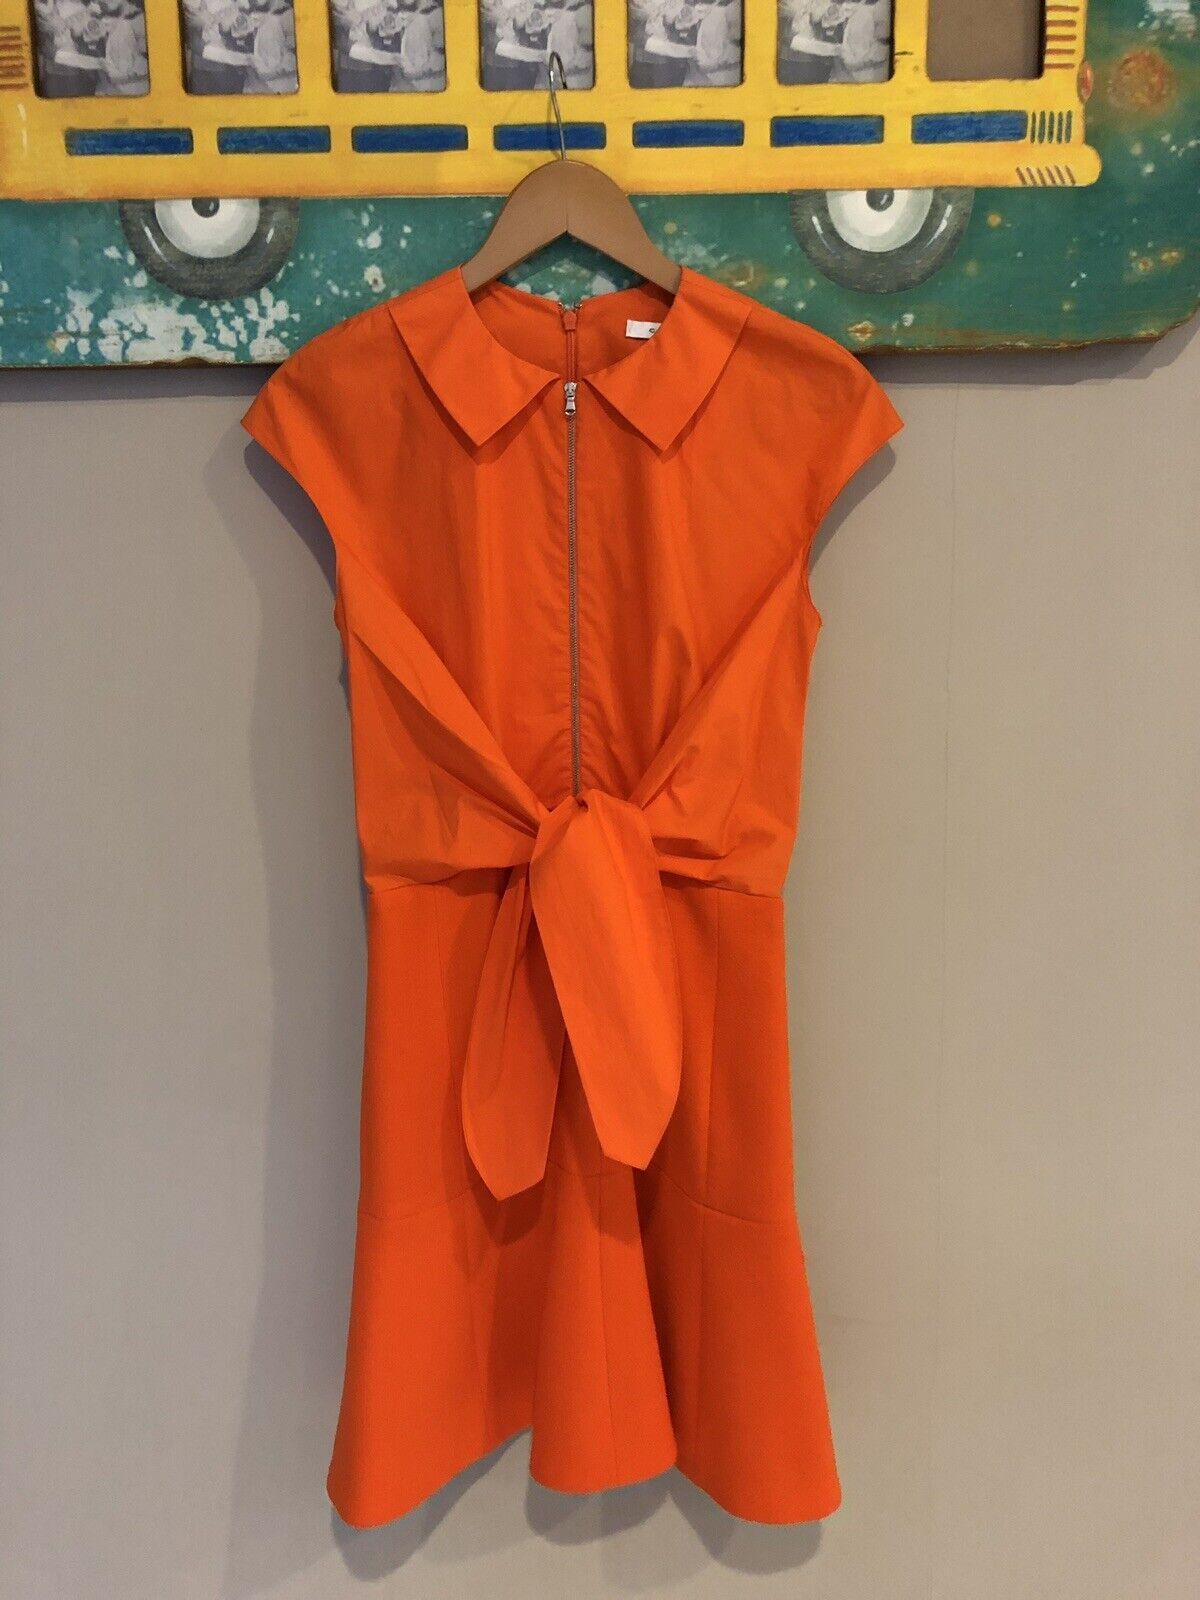 voitureven Orange robe taille 34 UK 6